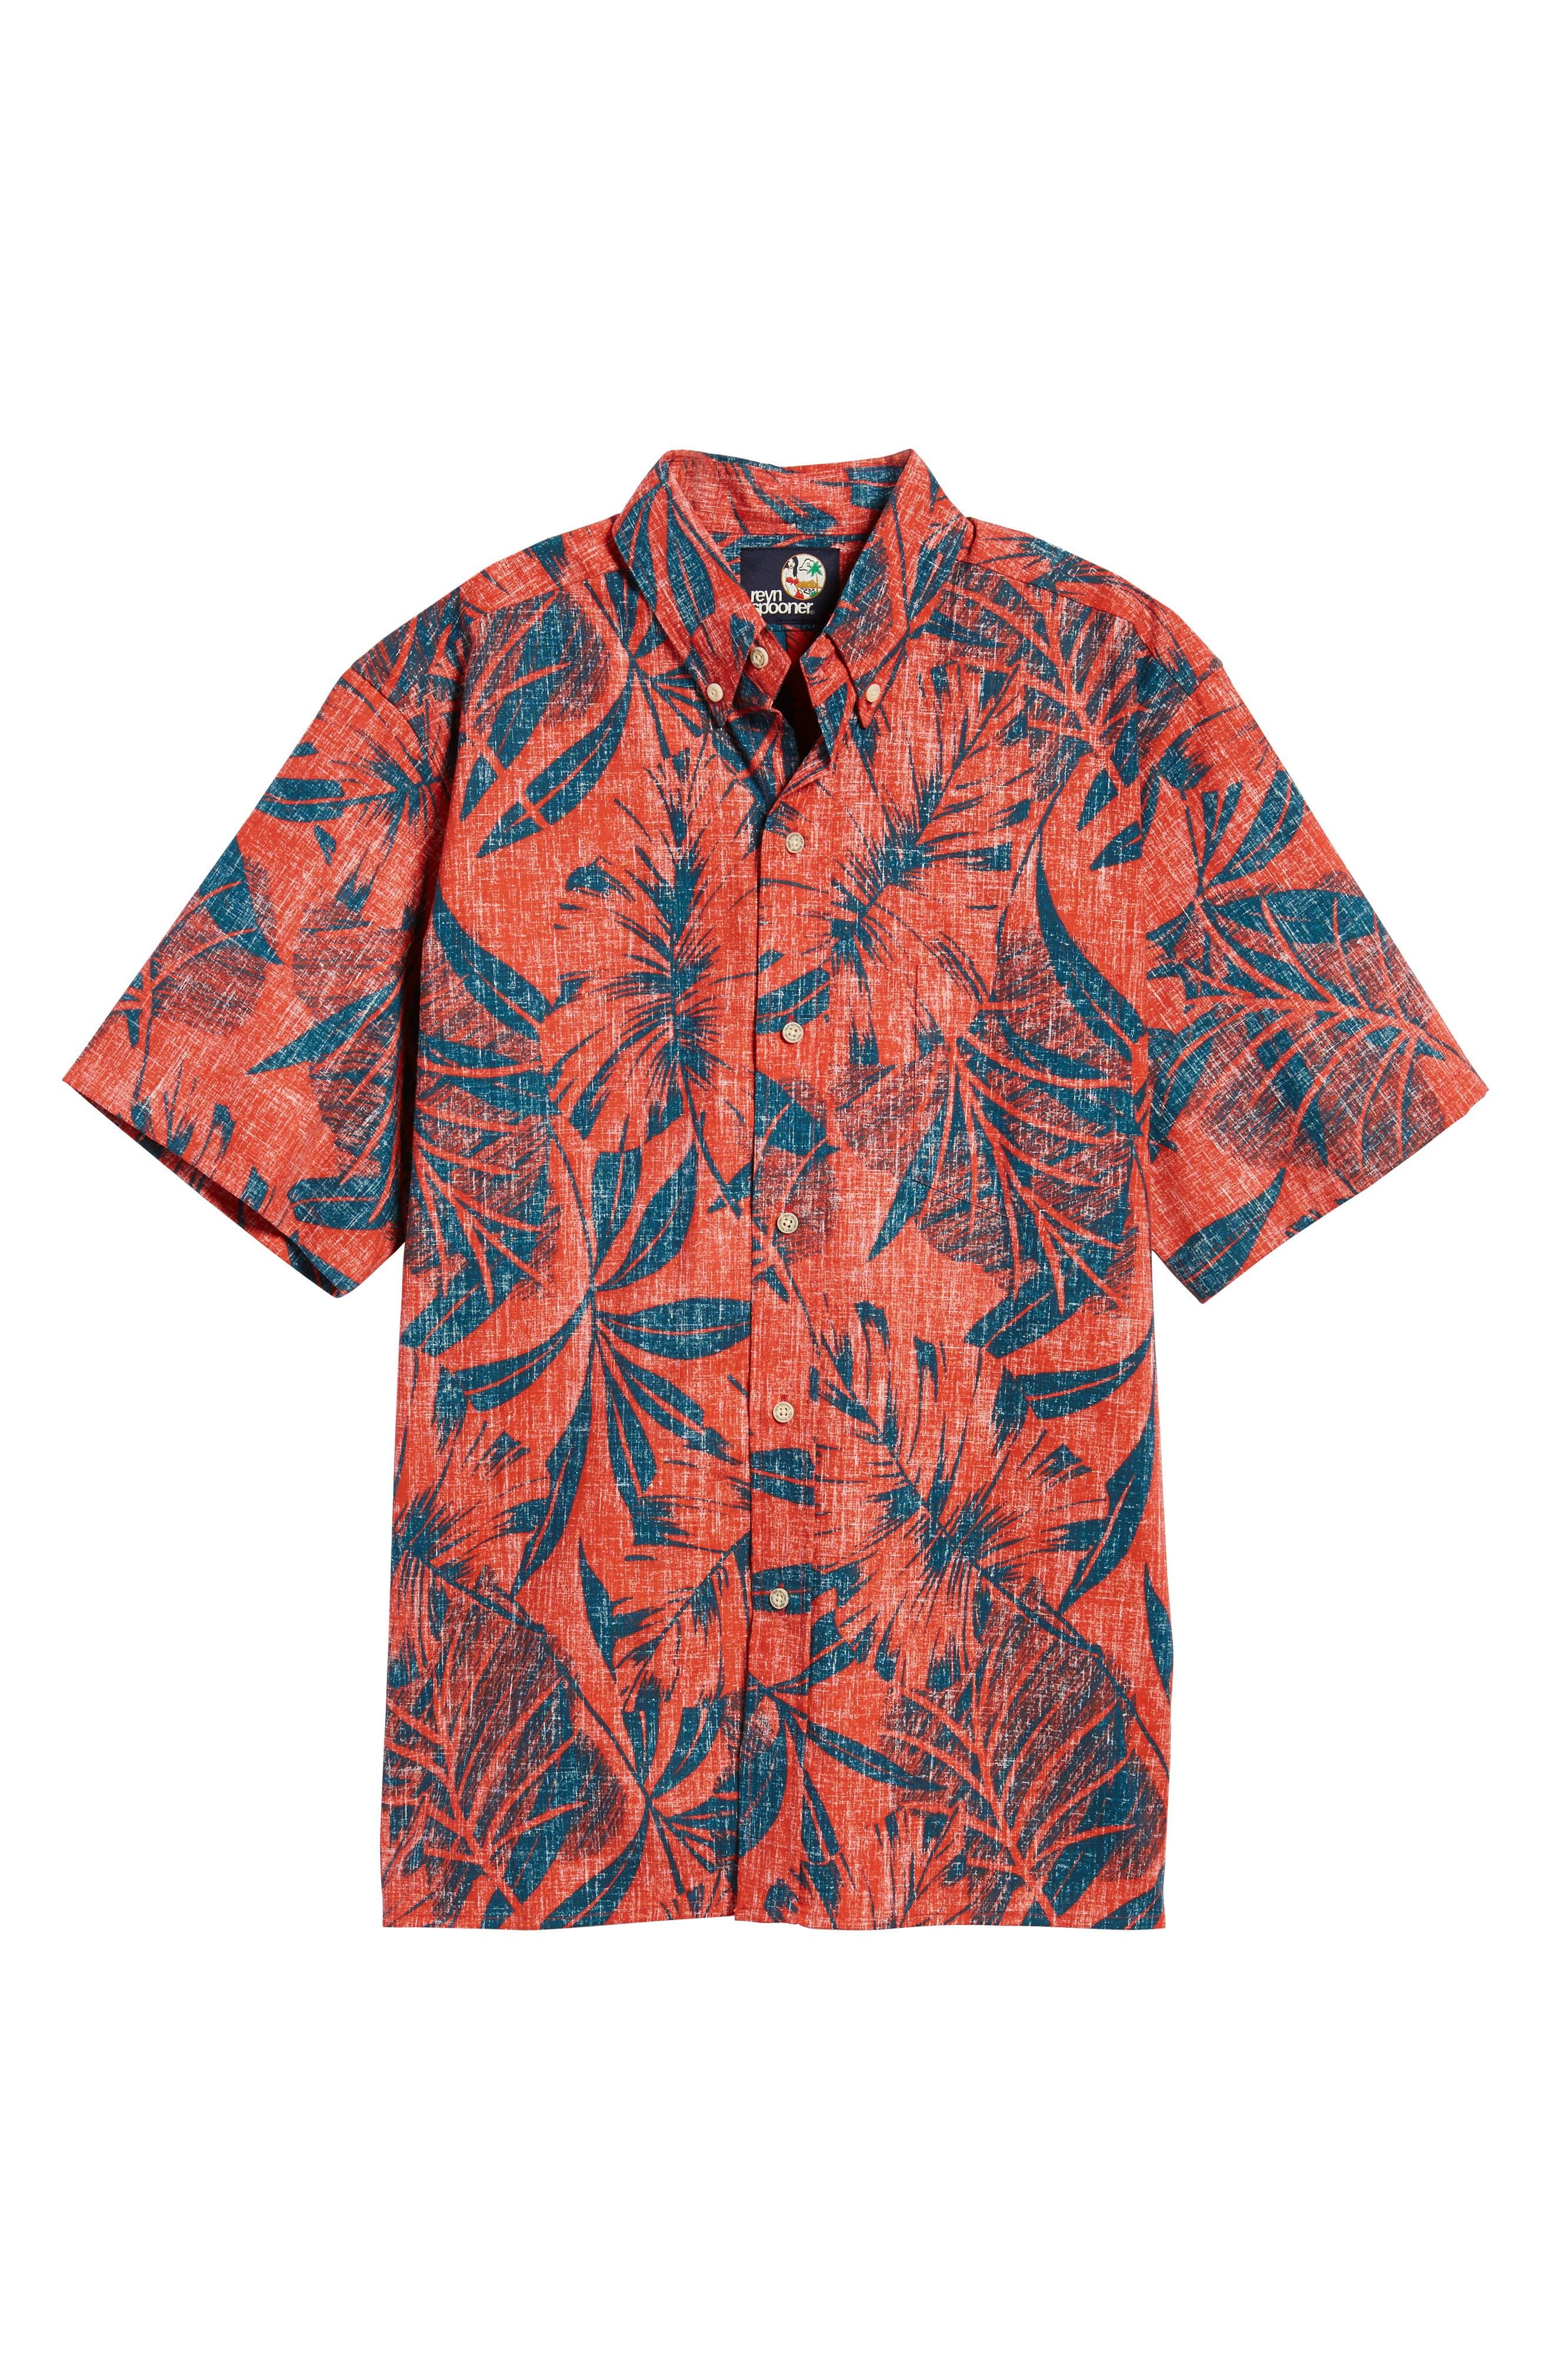 Kaha Lau Classic Fit Sport Shirt,                             Alternate thumbnail 6, color,                             661